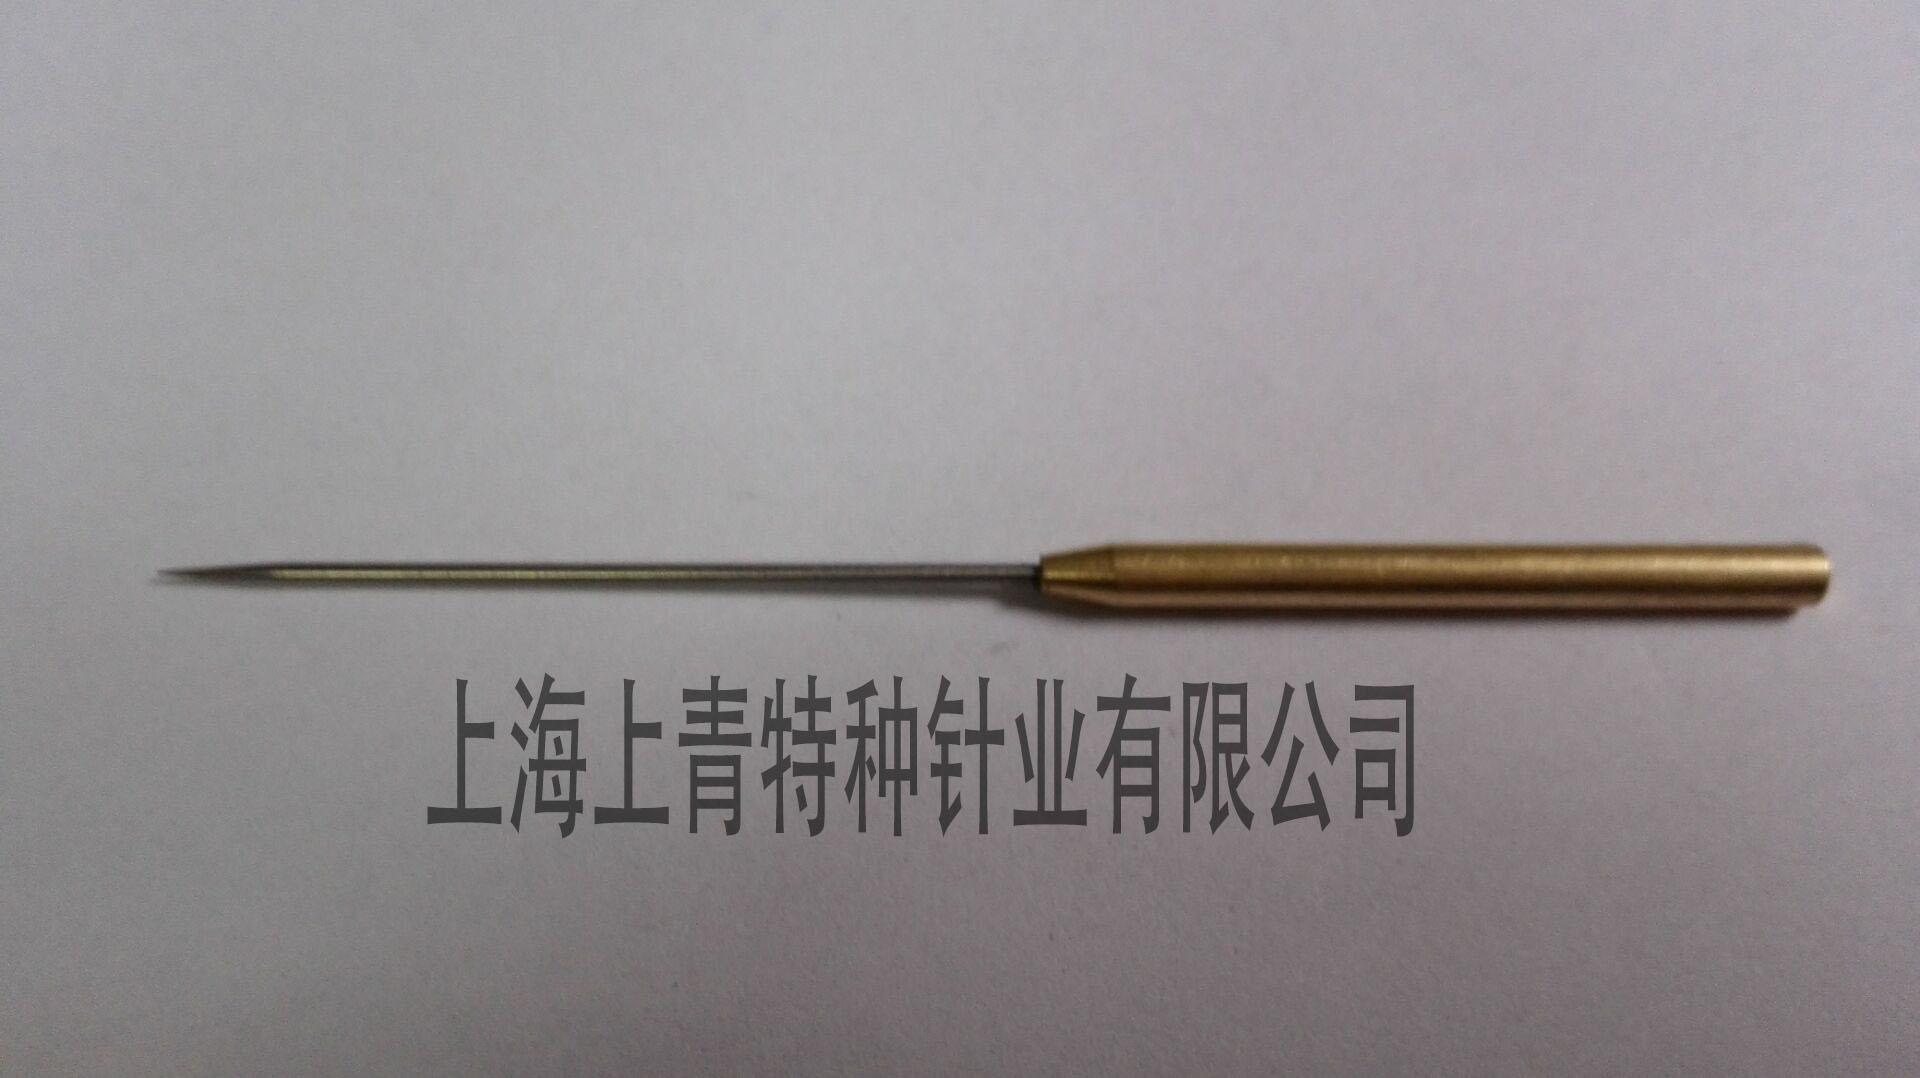 标准沥青测试针